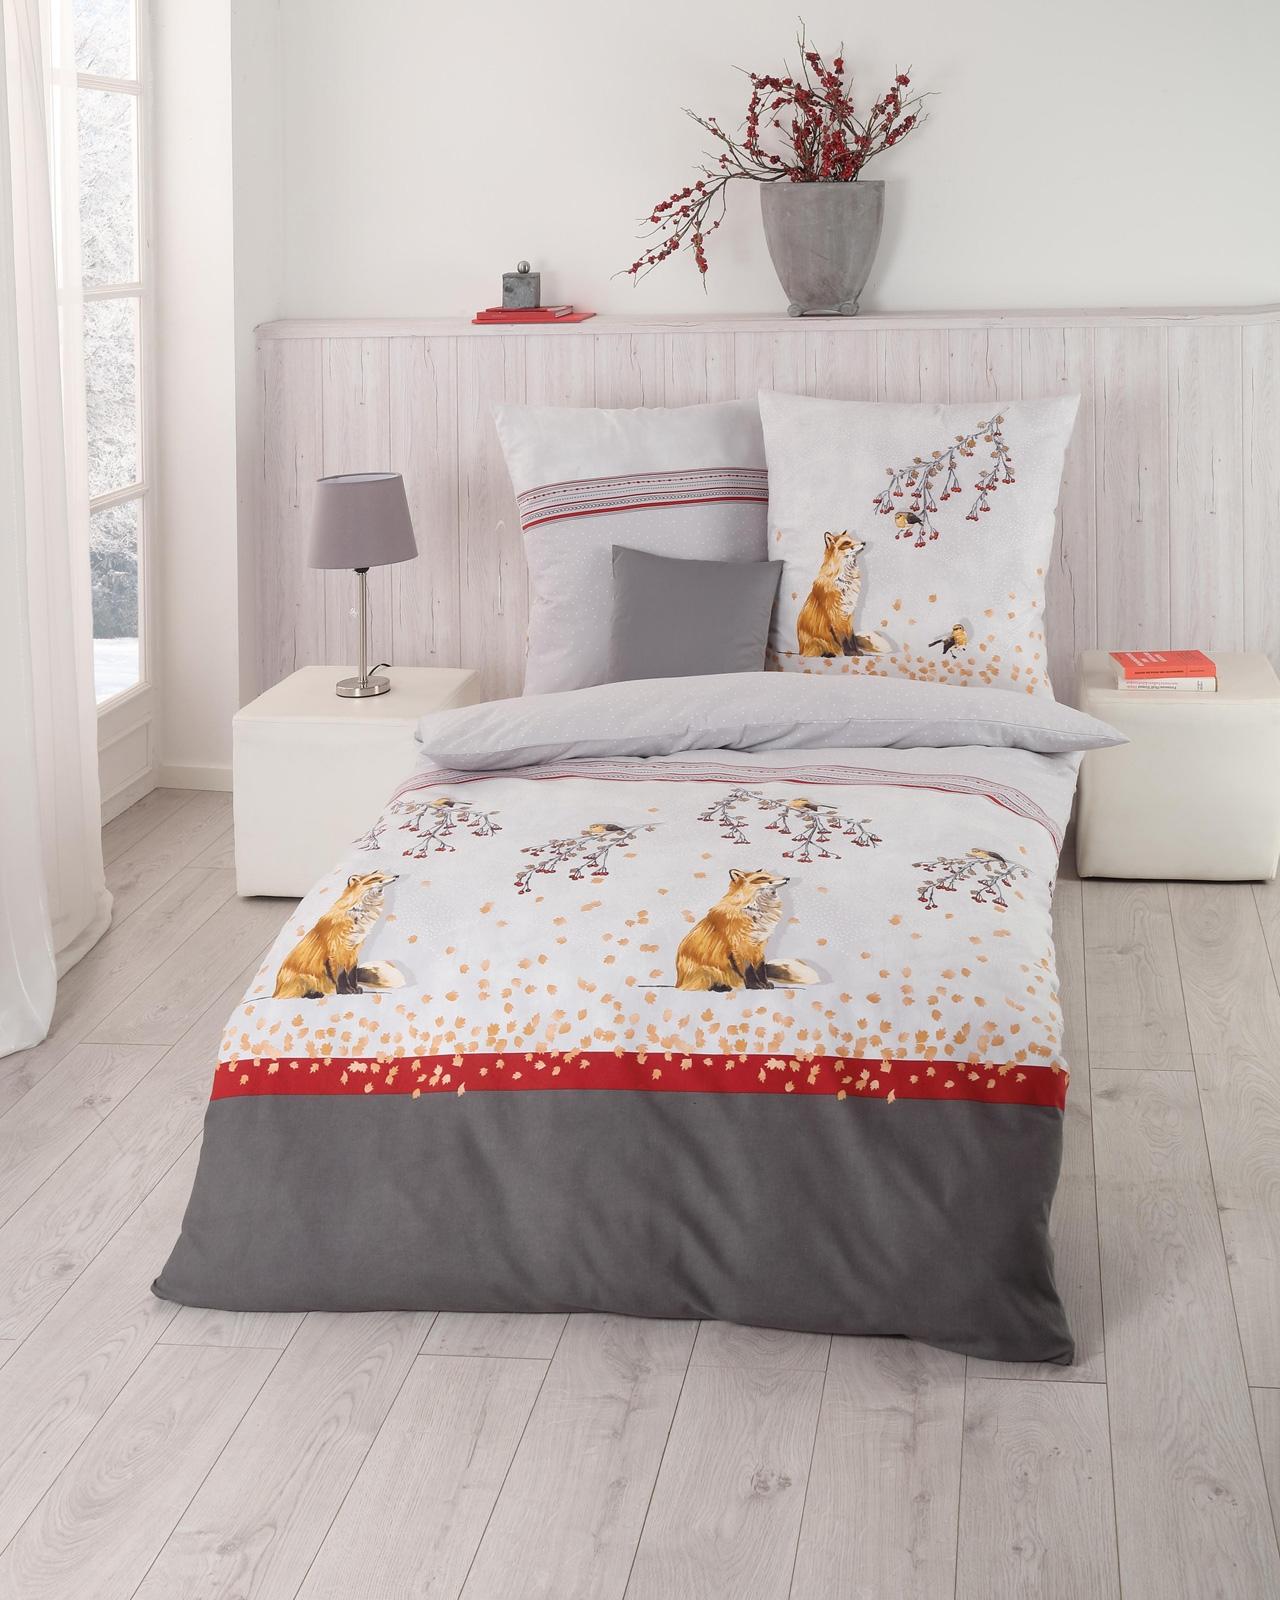 Bettwäsche - Kaeppel Biber Bettwäsche 100 Baumwolle Fox anthrazit 155x220 Aufbewahrungsbeutel  - Onlineshop PremiumShop321